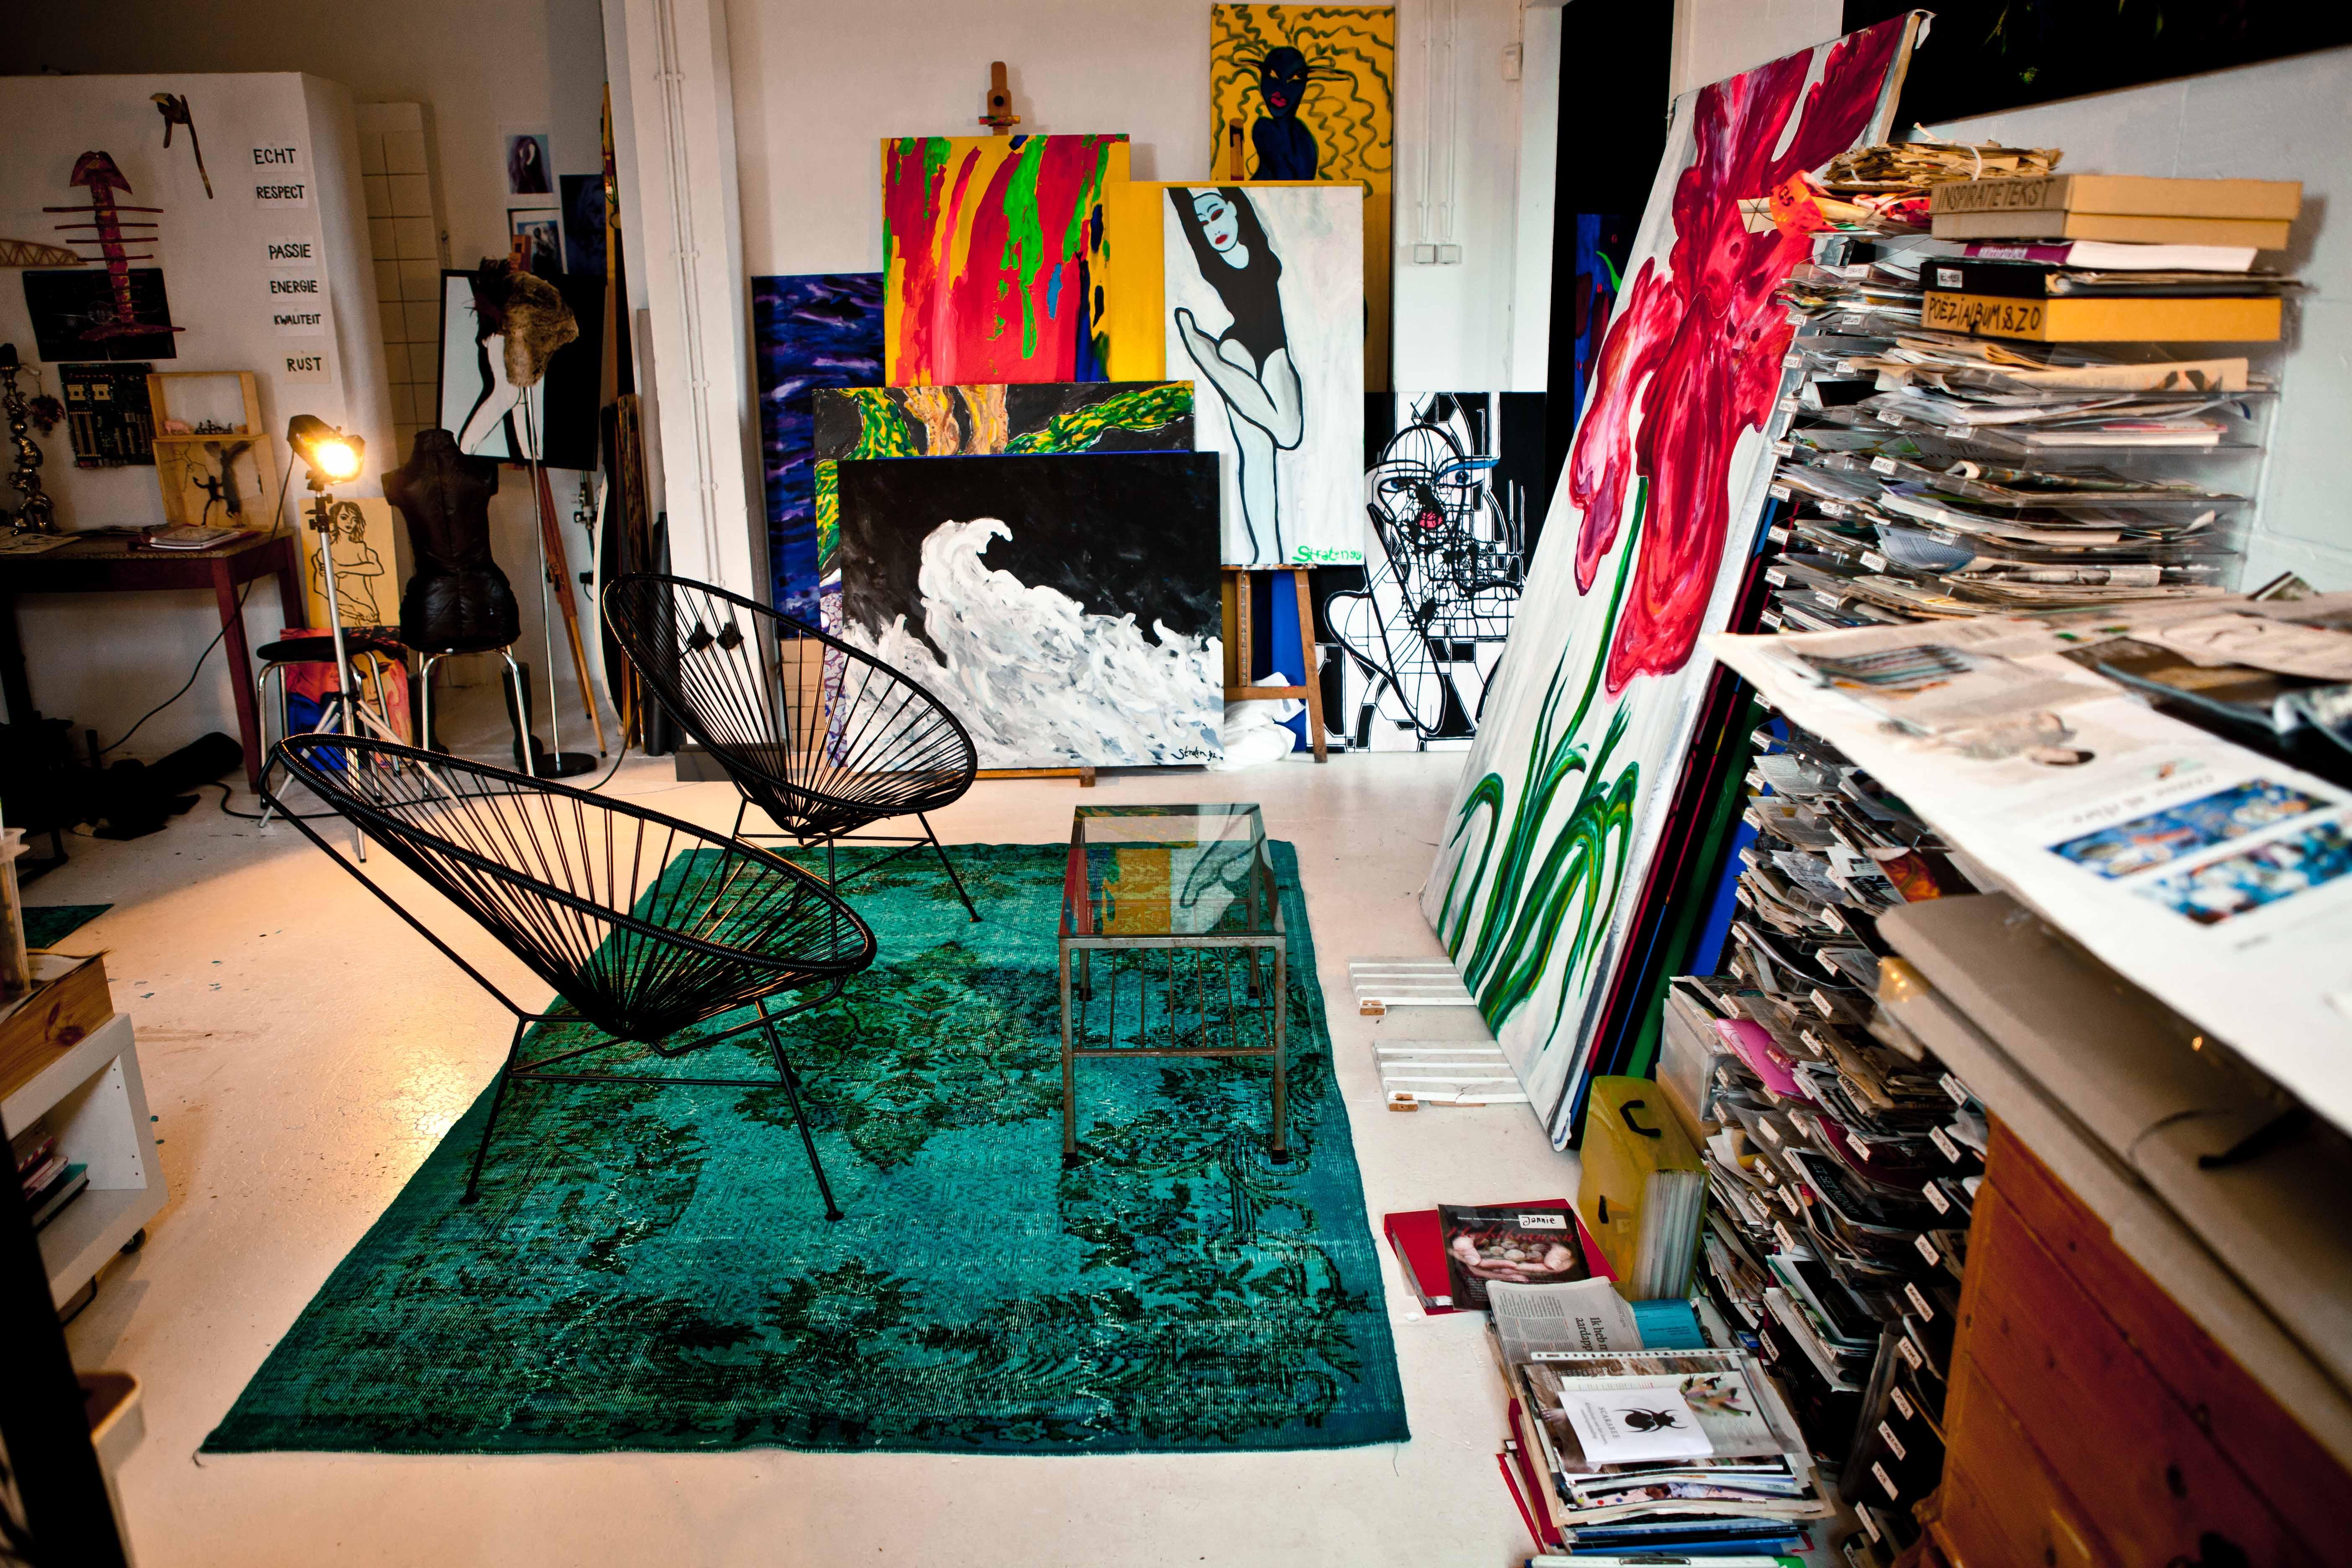 Kleurrijke Interieurs Pastel : Byfaith interiors inspiratie ontwikkeling en advies op gebied van